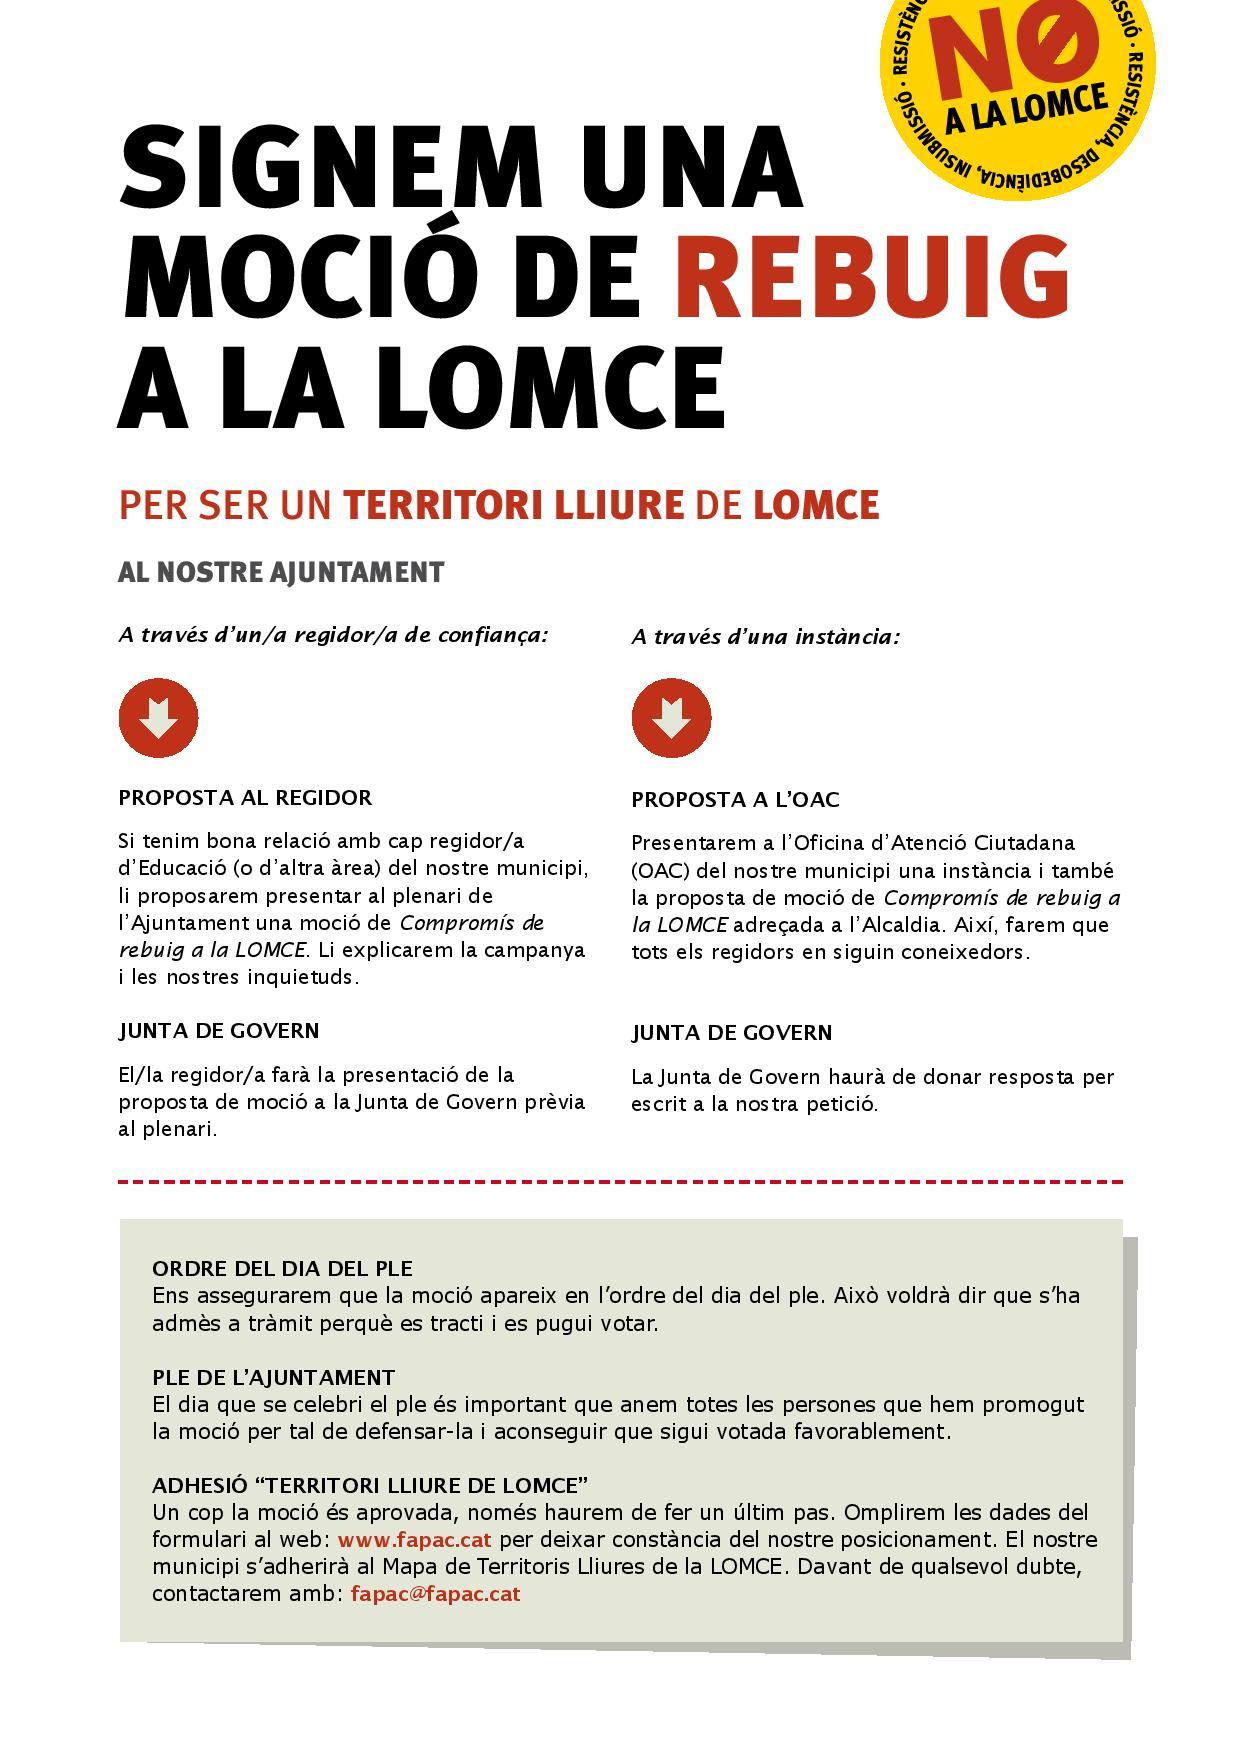 LOMCE-mocio-rebuig-page-001